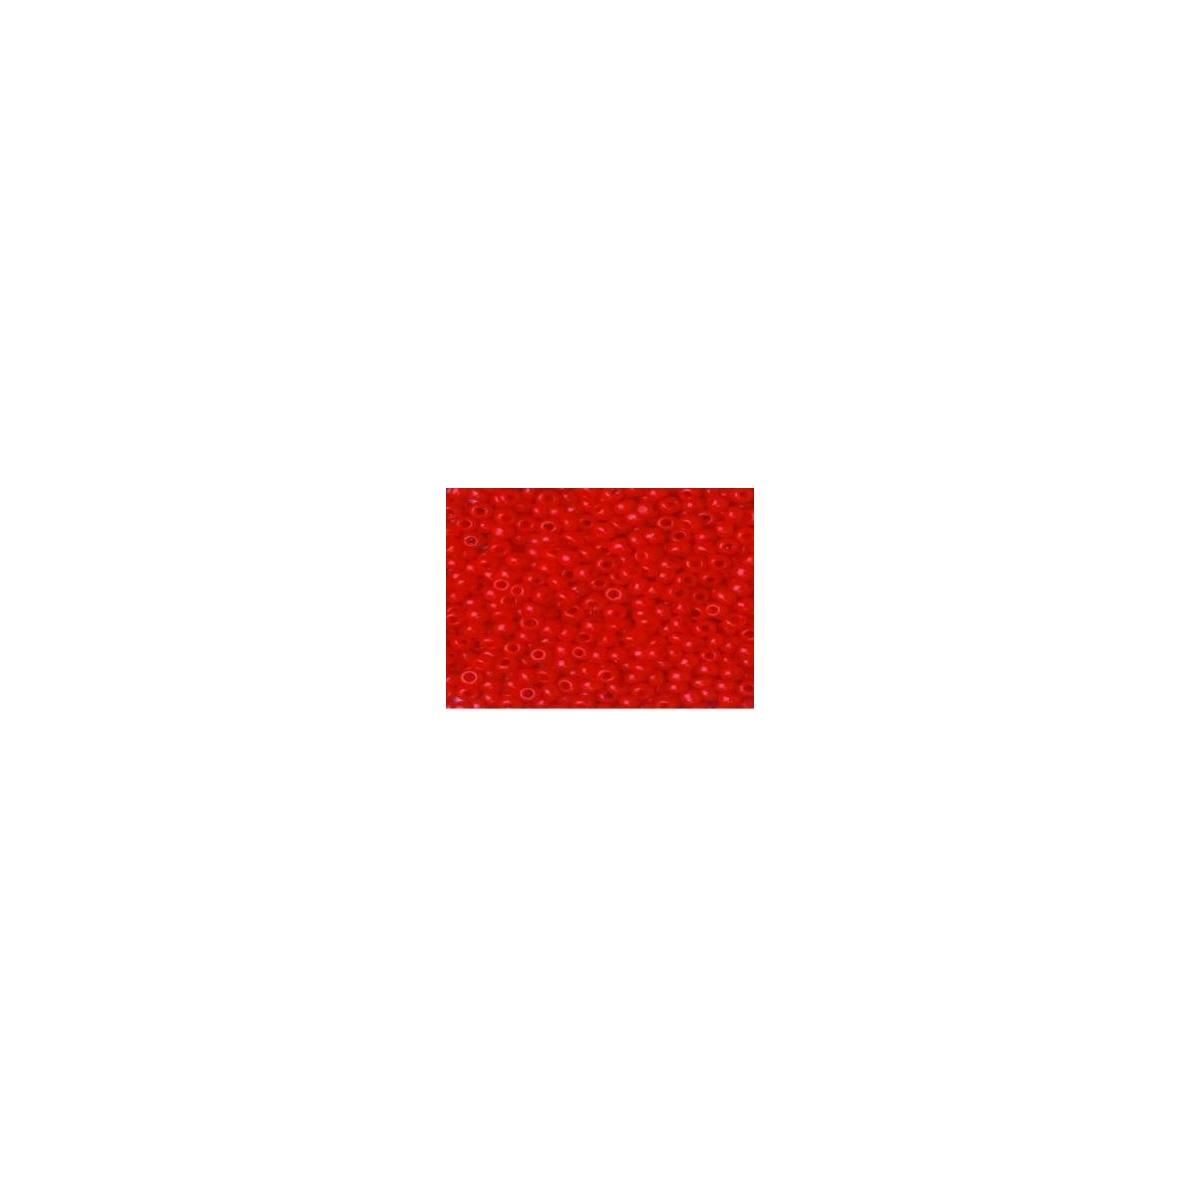 Rocalla nº 1 - Rojo Claro Opaco